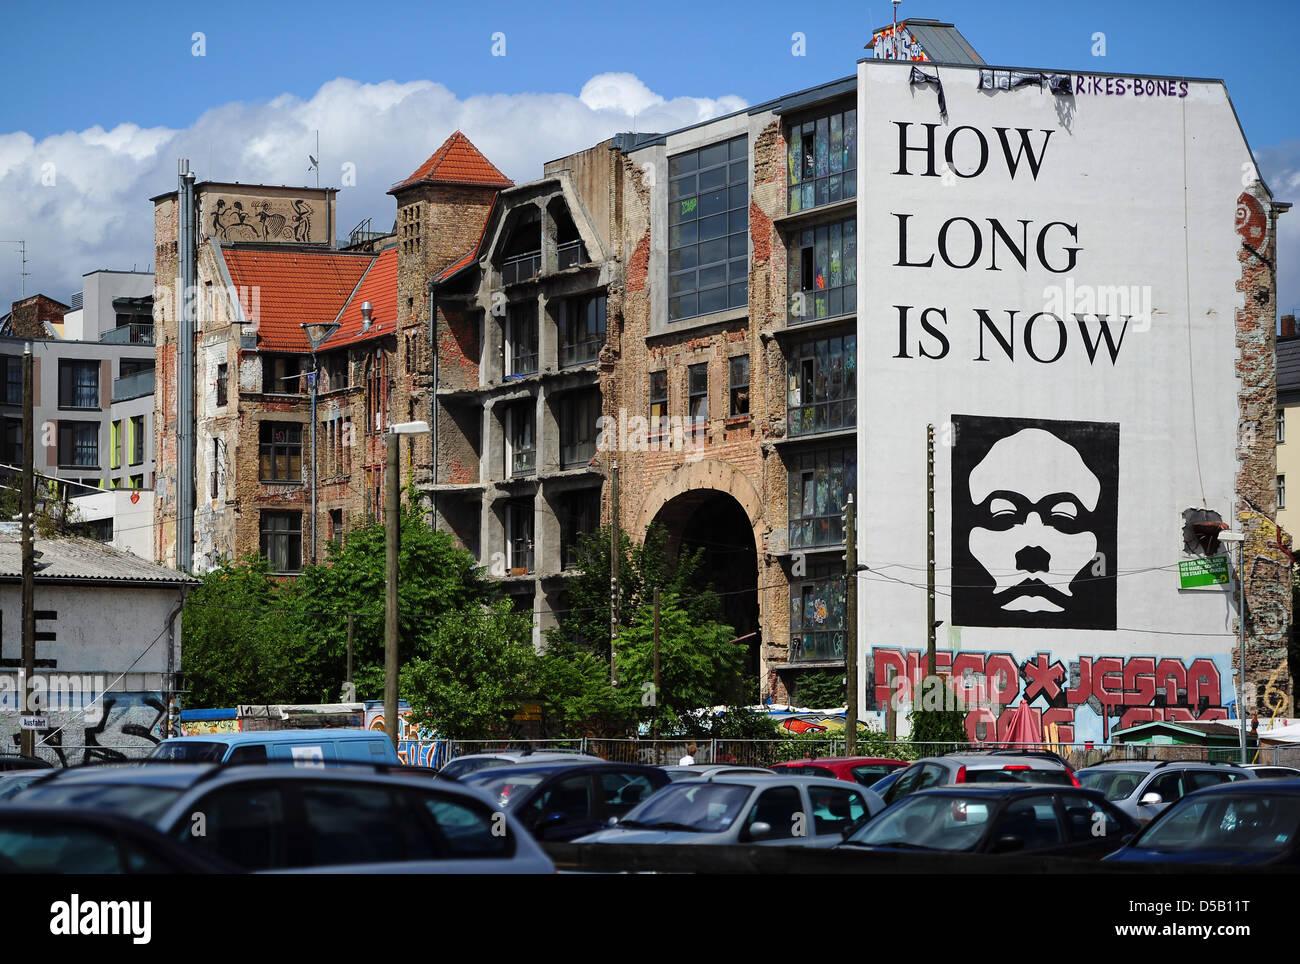 El Kunsthaus Tacheles, capturado en Oranienburger Strasse, en Berlín, Alemania, el 29 de julio de 2010. El Imagen De Stock